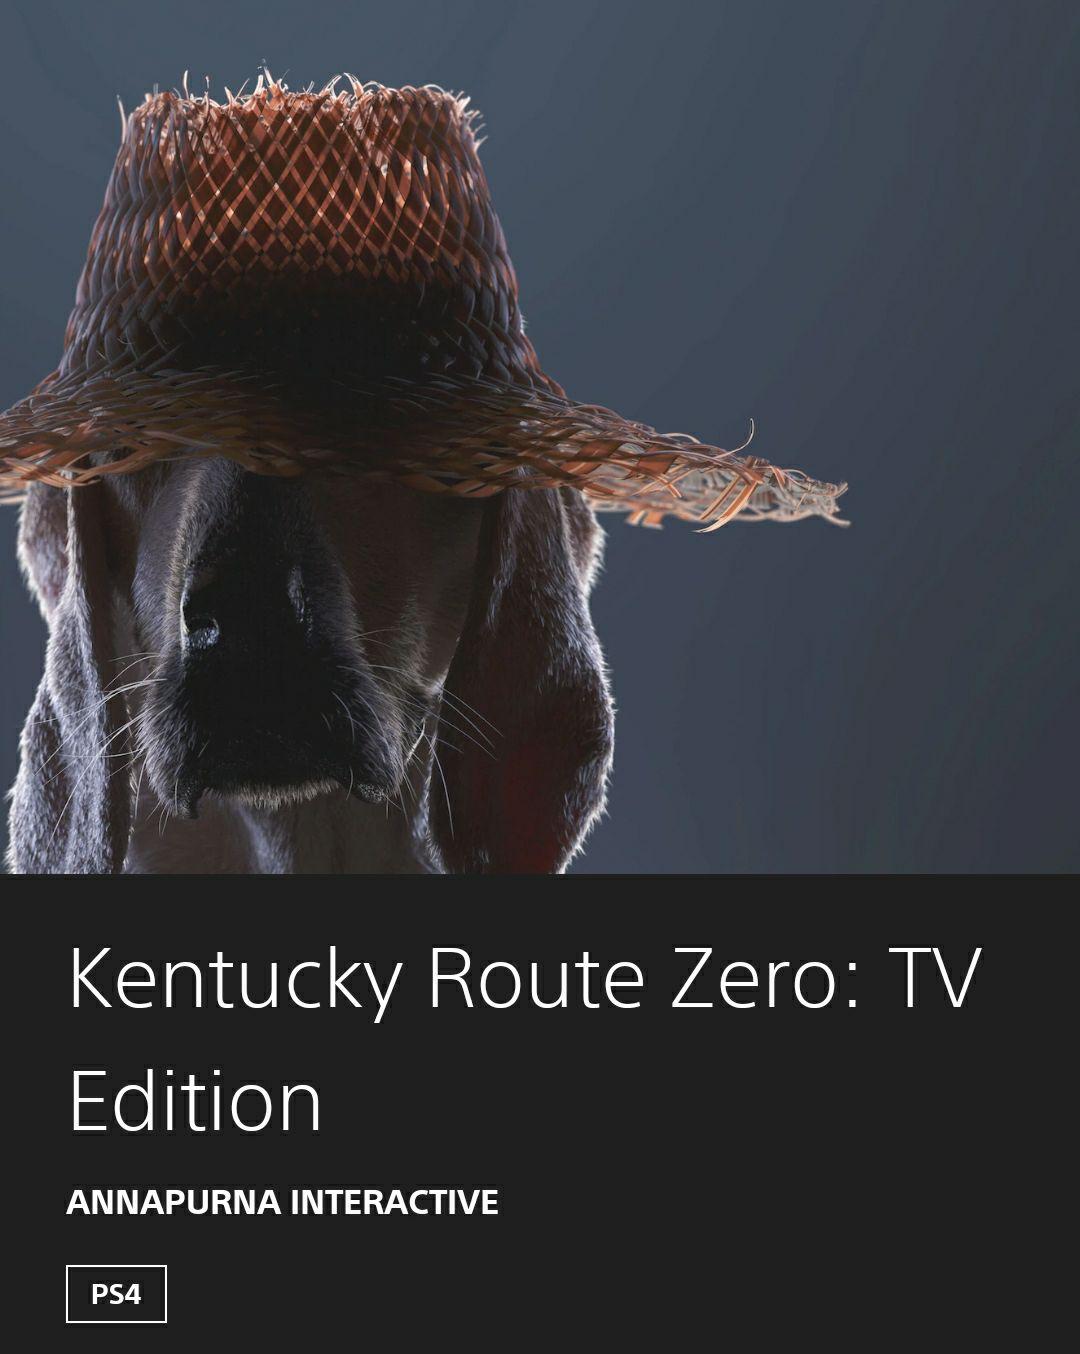 Kentucky Route Zero: TV Edition PS4